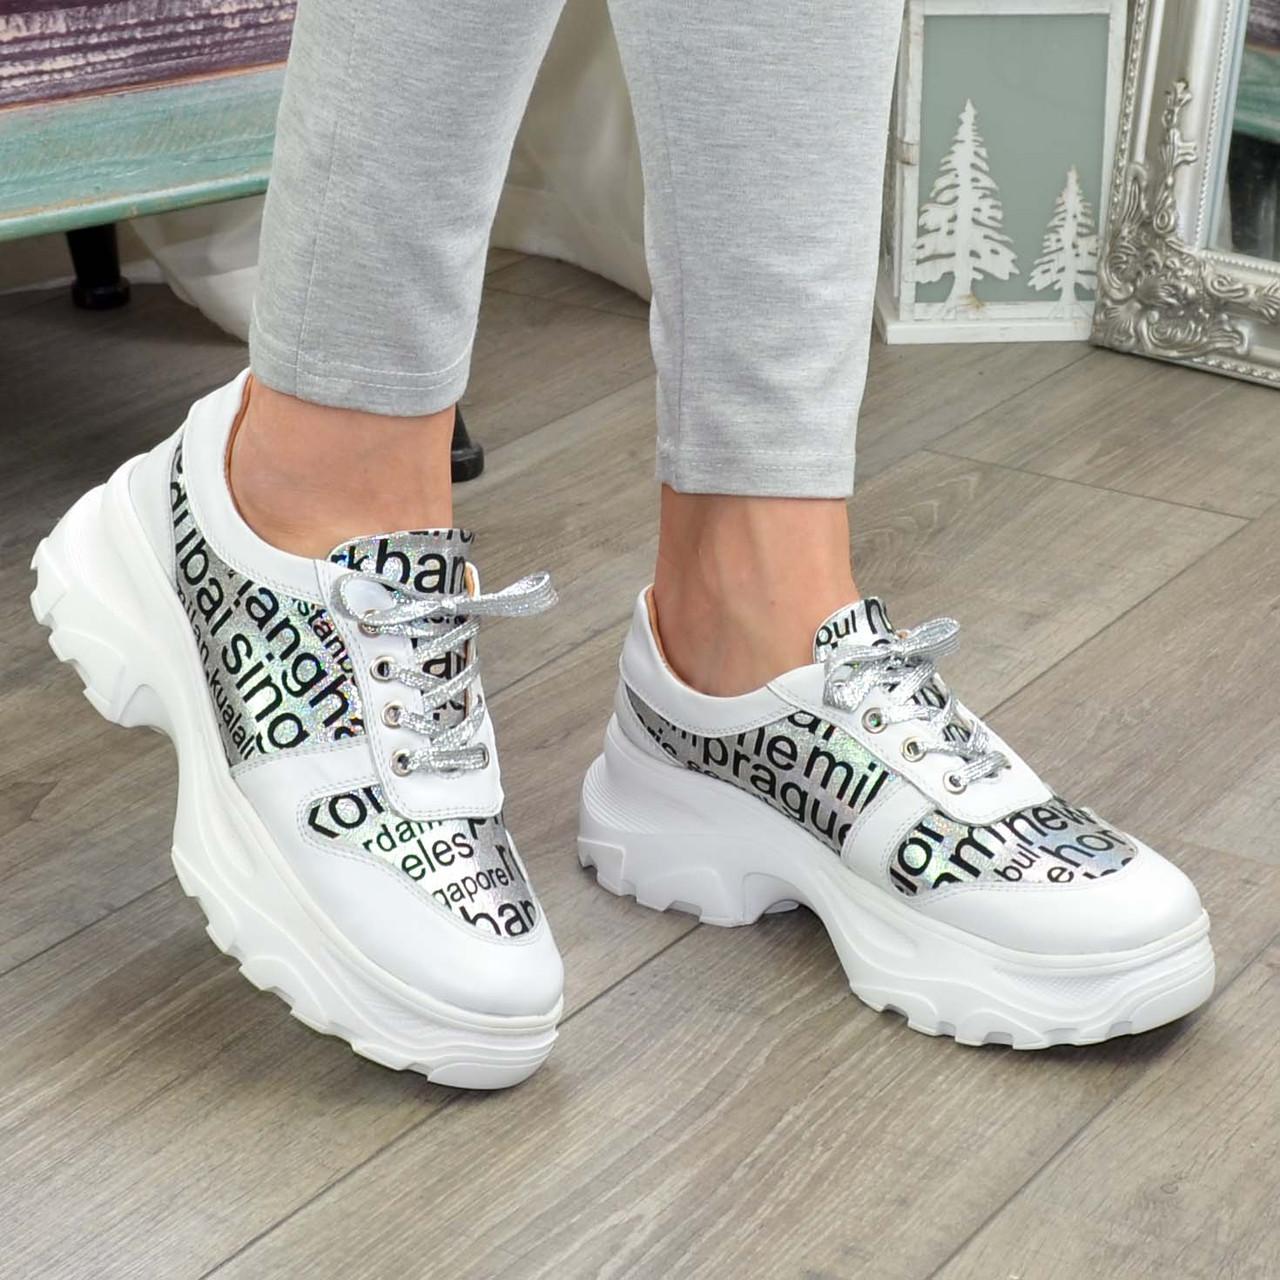 Кросівки жіночі на шнурівці, колір білий/літера